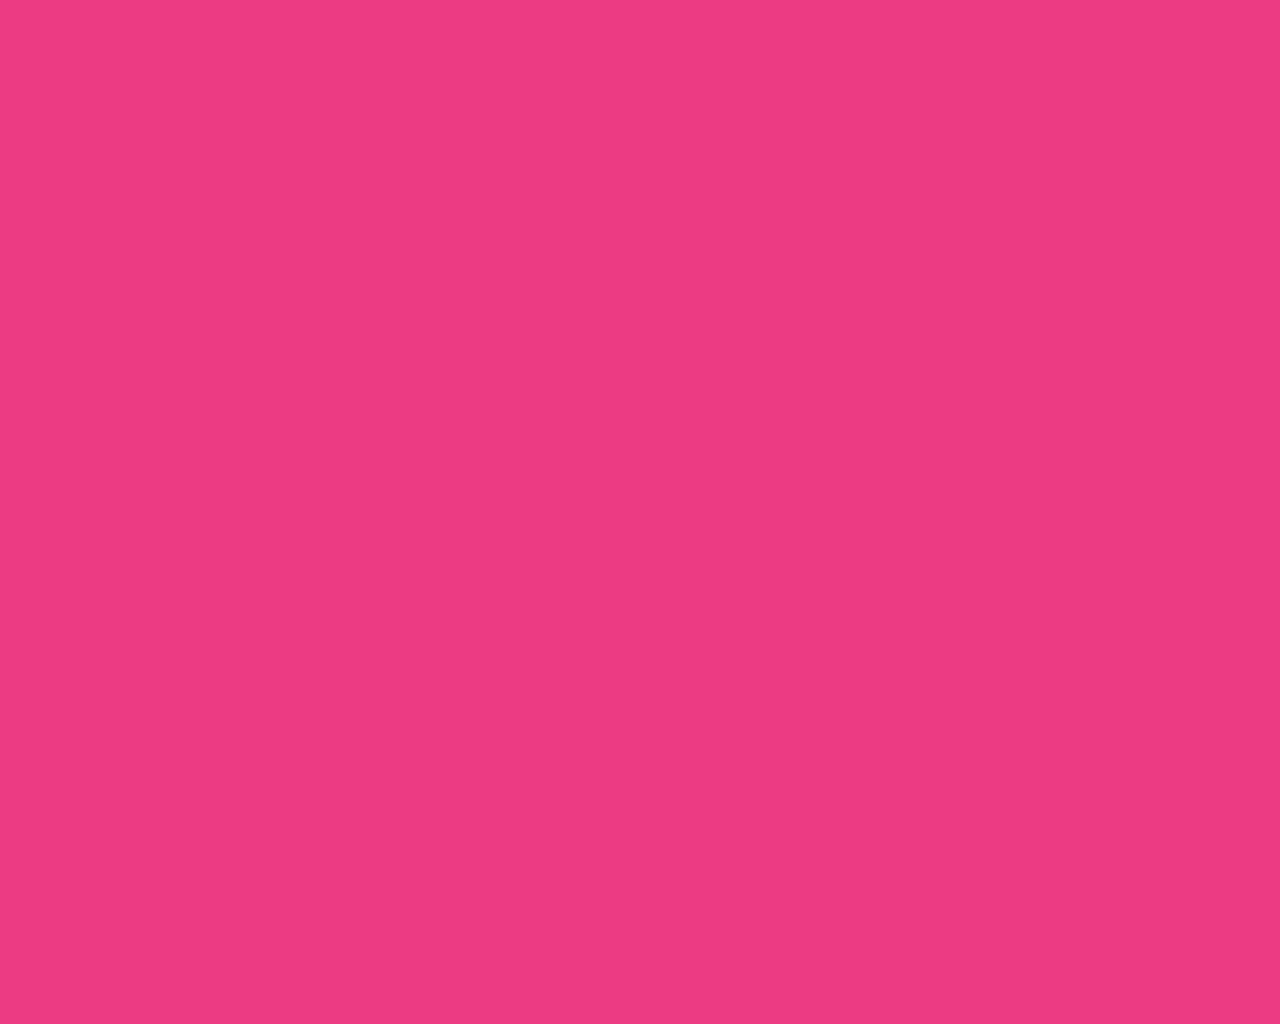 Download 7100 Koleksi Background Pink Tua Polos HD Paling Keren